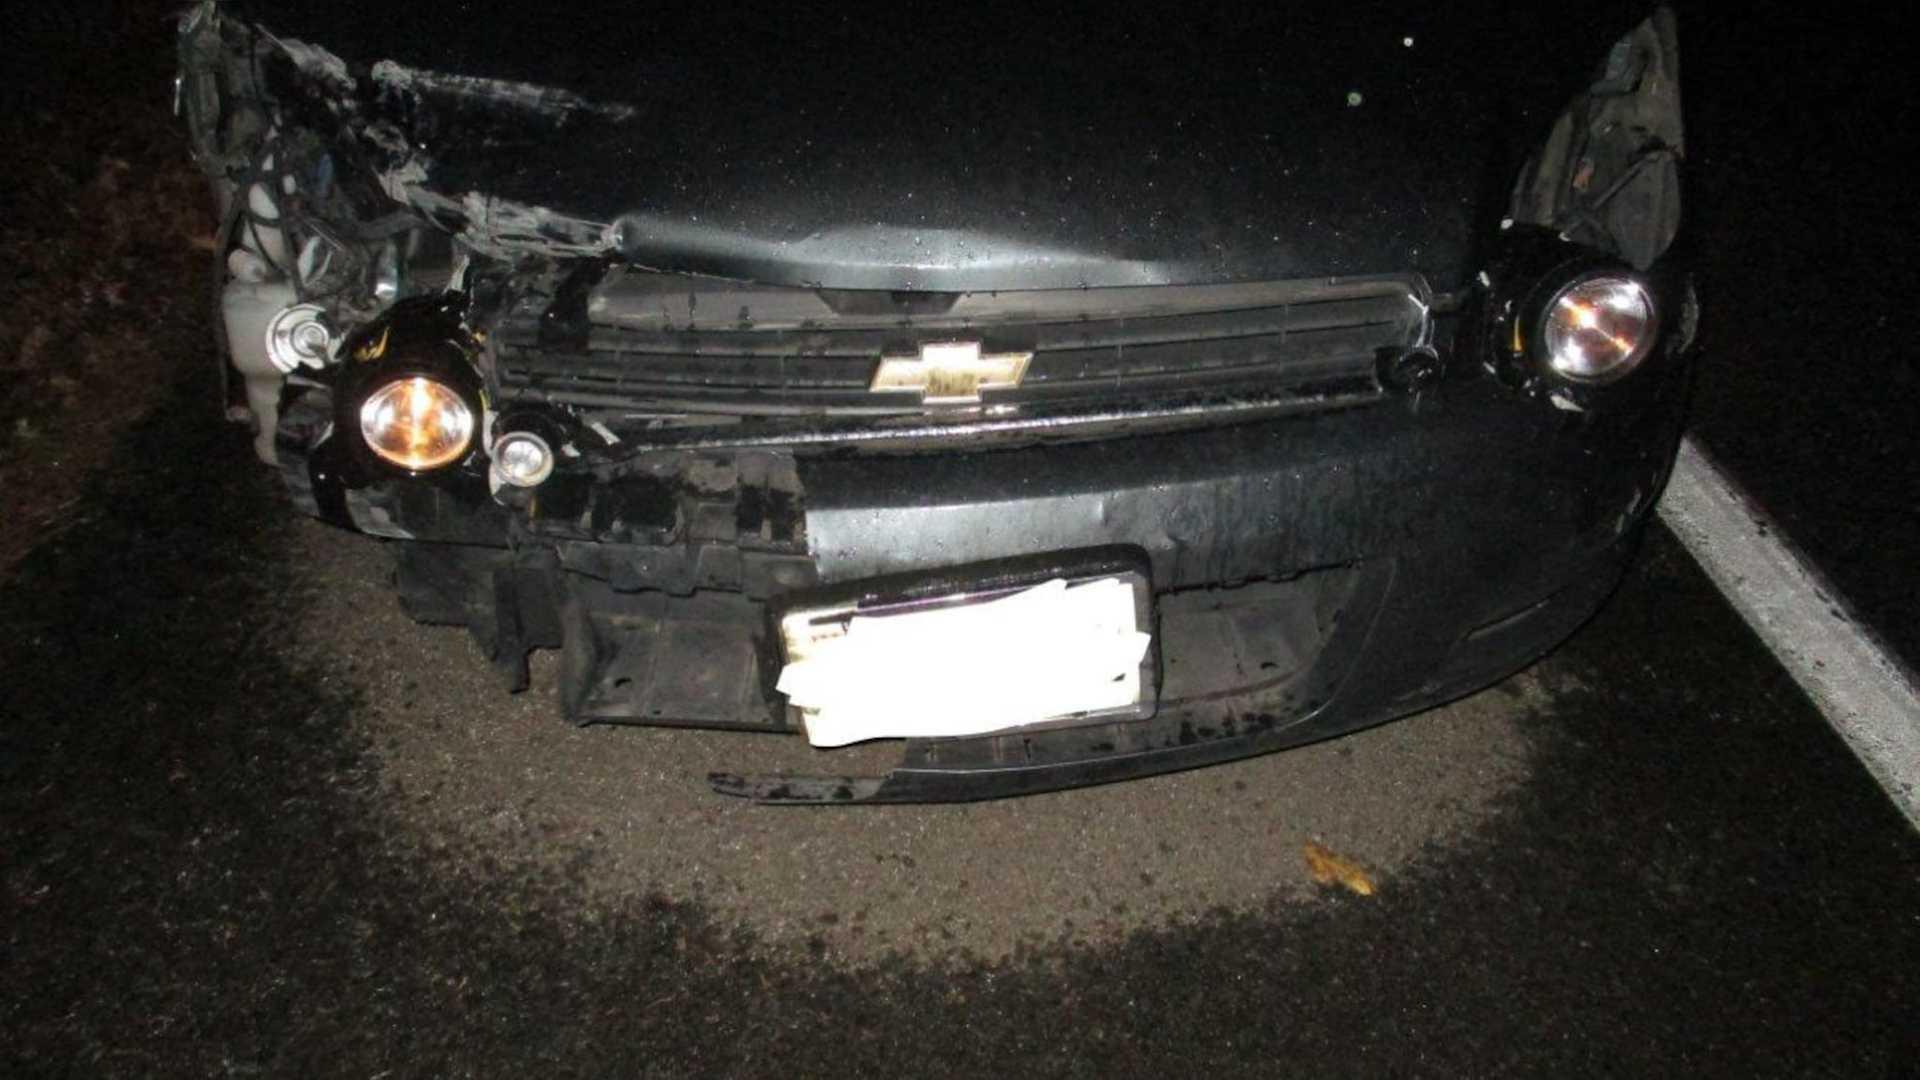 Полиция задержала водителя, который заменил фары фонариками